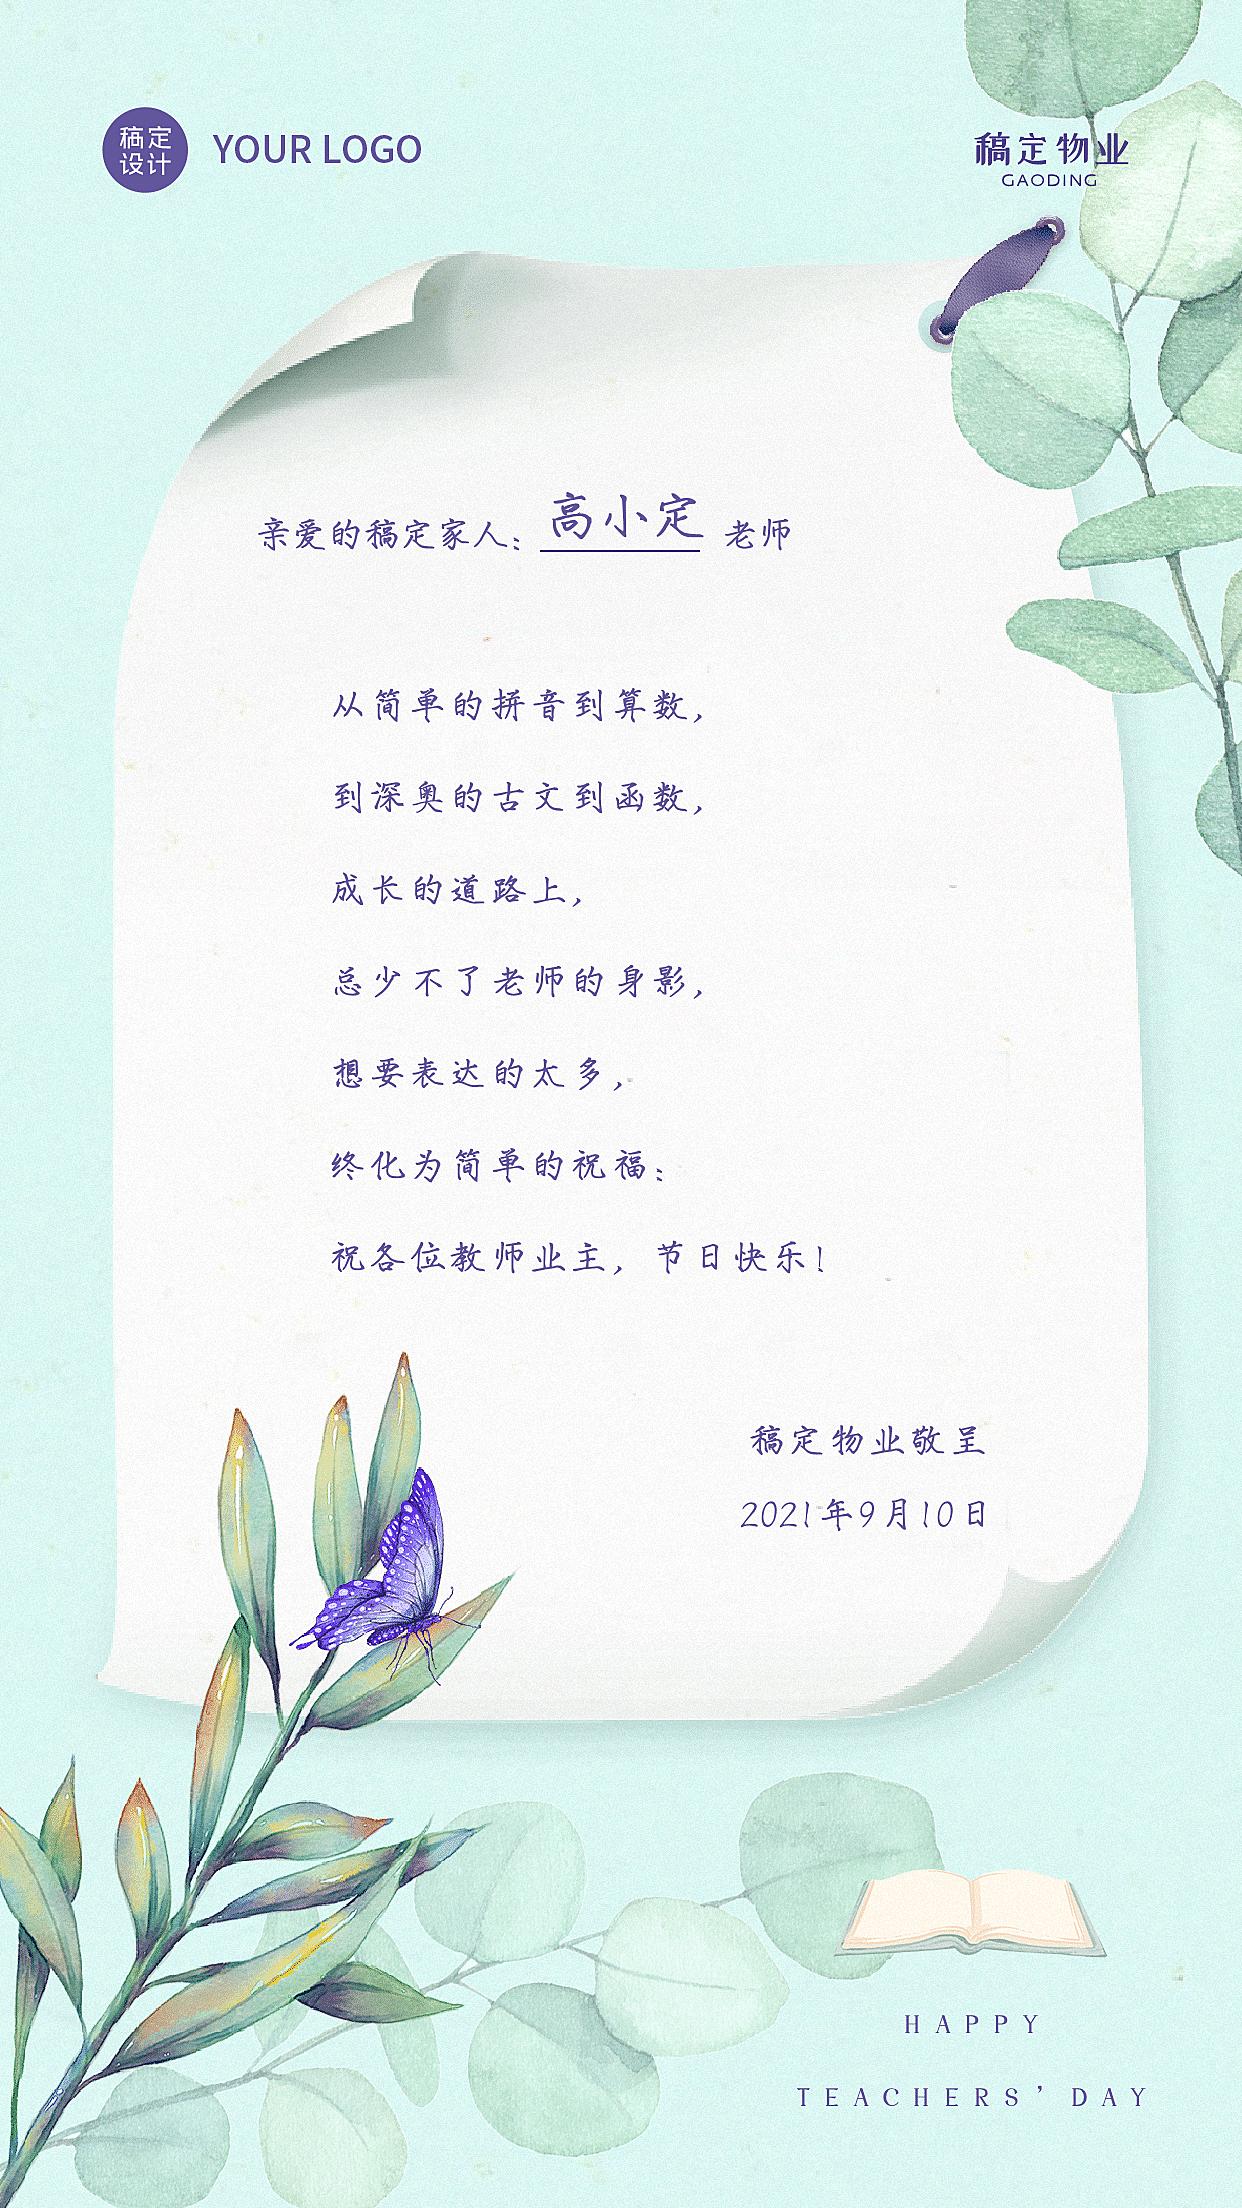 房地产教师节感恩祝福清新贺卡海报